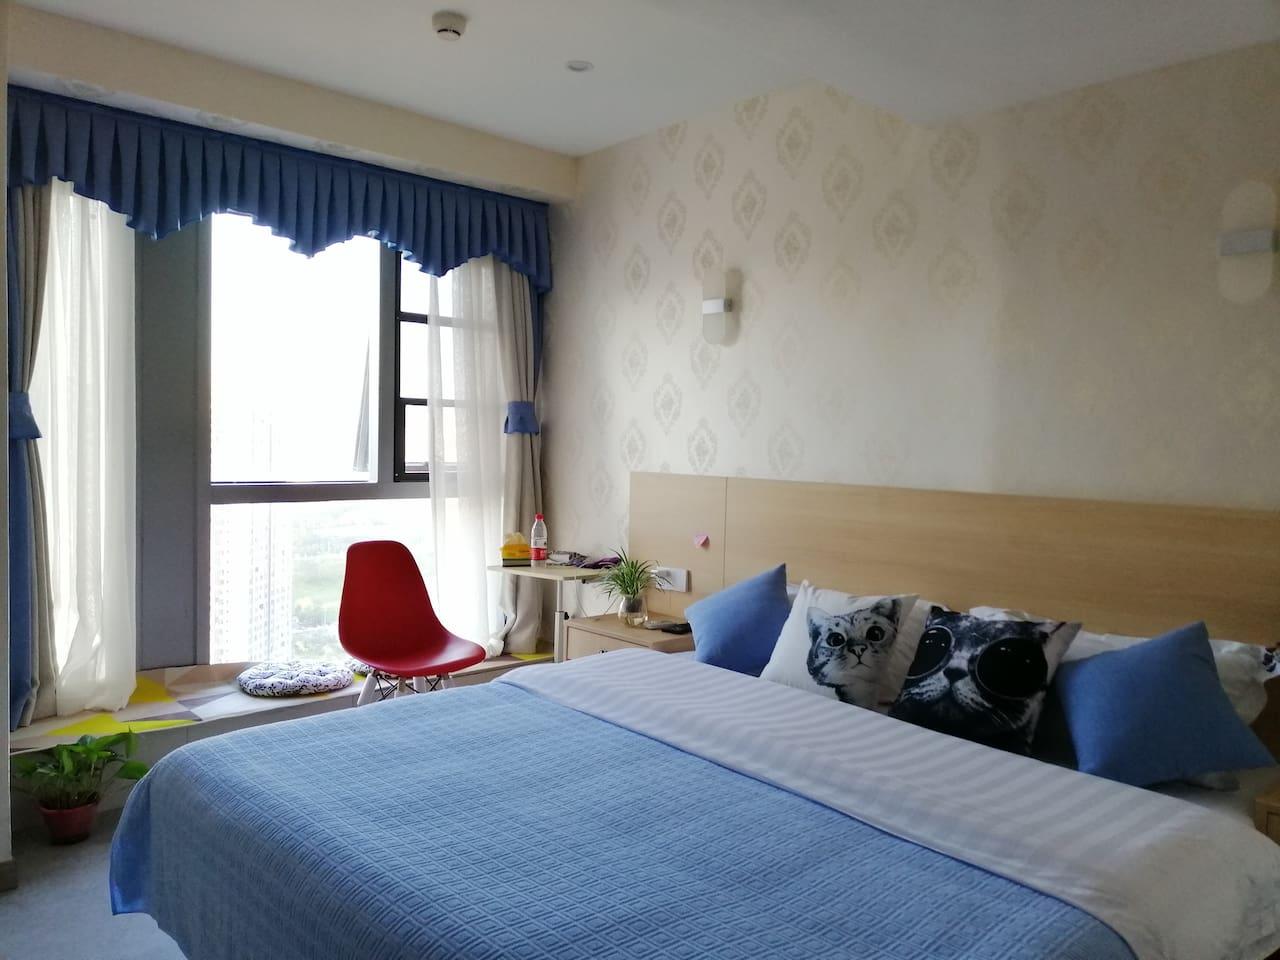 1.8米的大床房,宽敞明亮的阳光落地大窗。